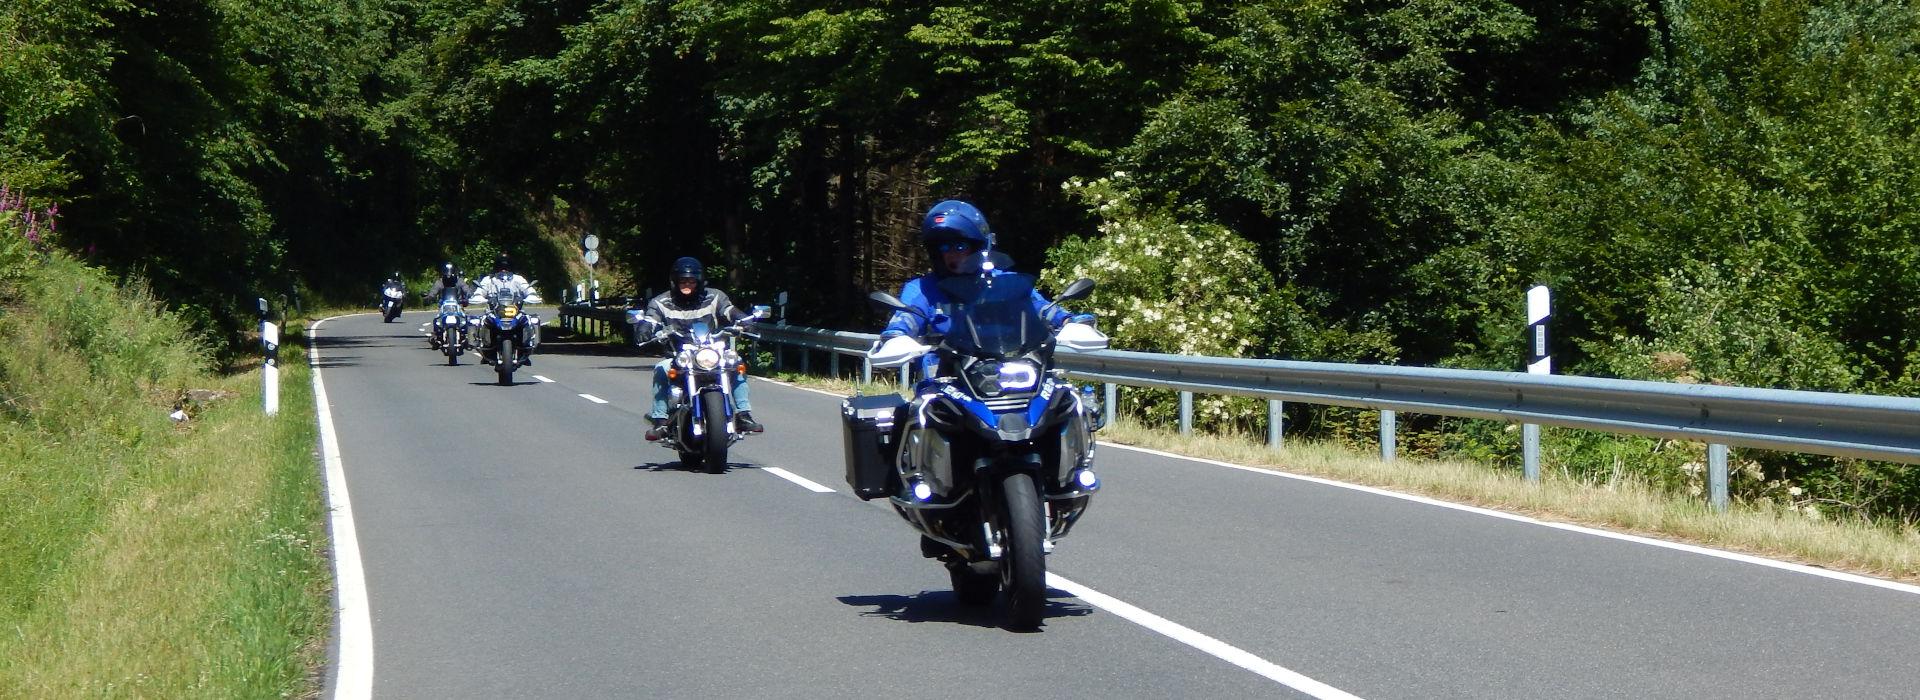 Motorrijbewijspoint Badhoevedorp snel motorrijbewijs halen